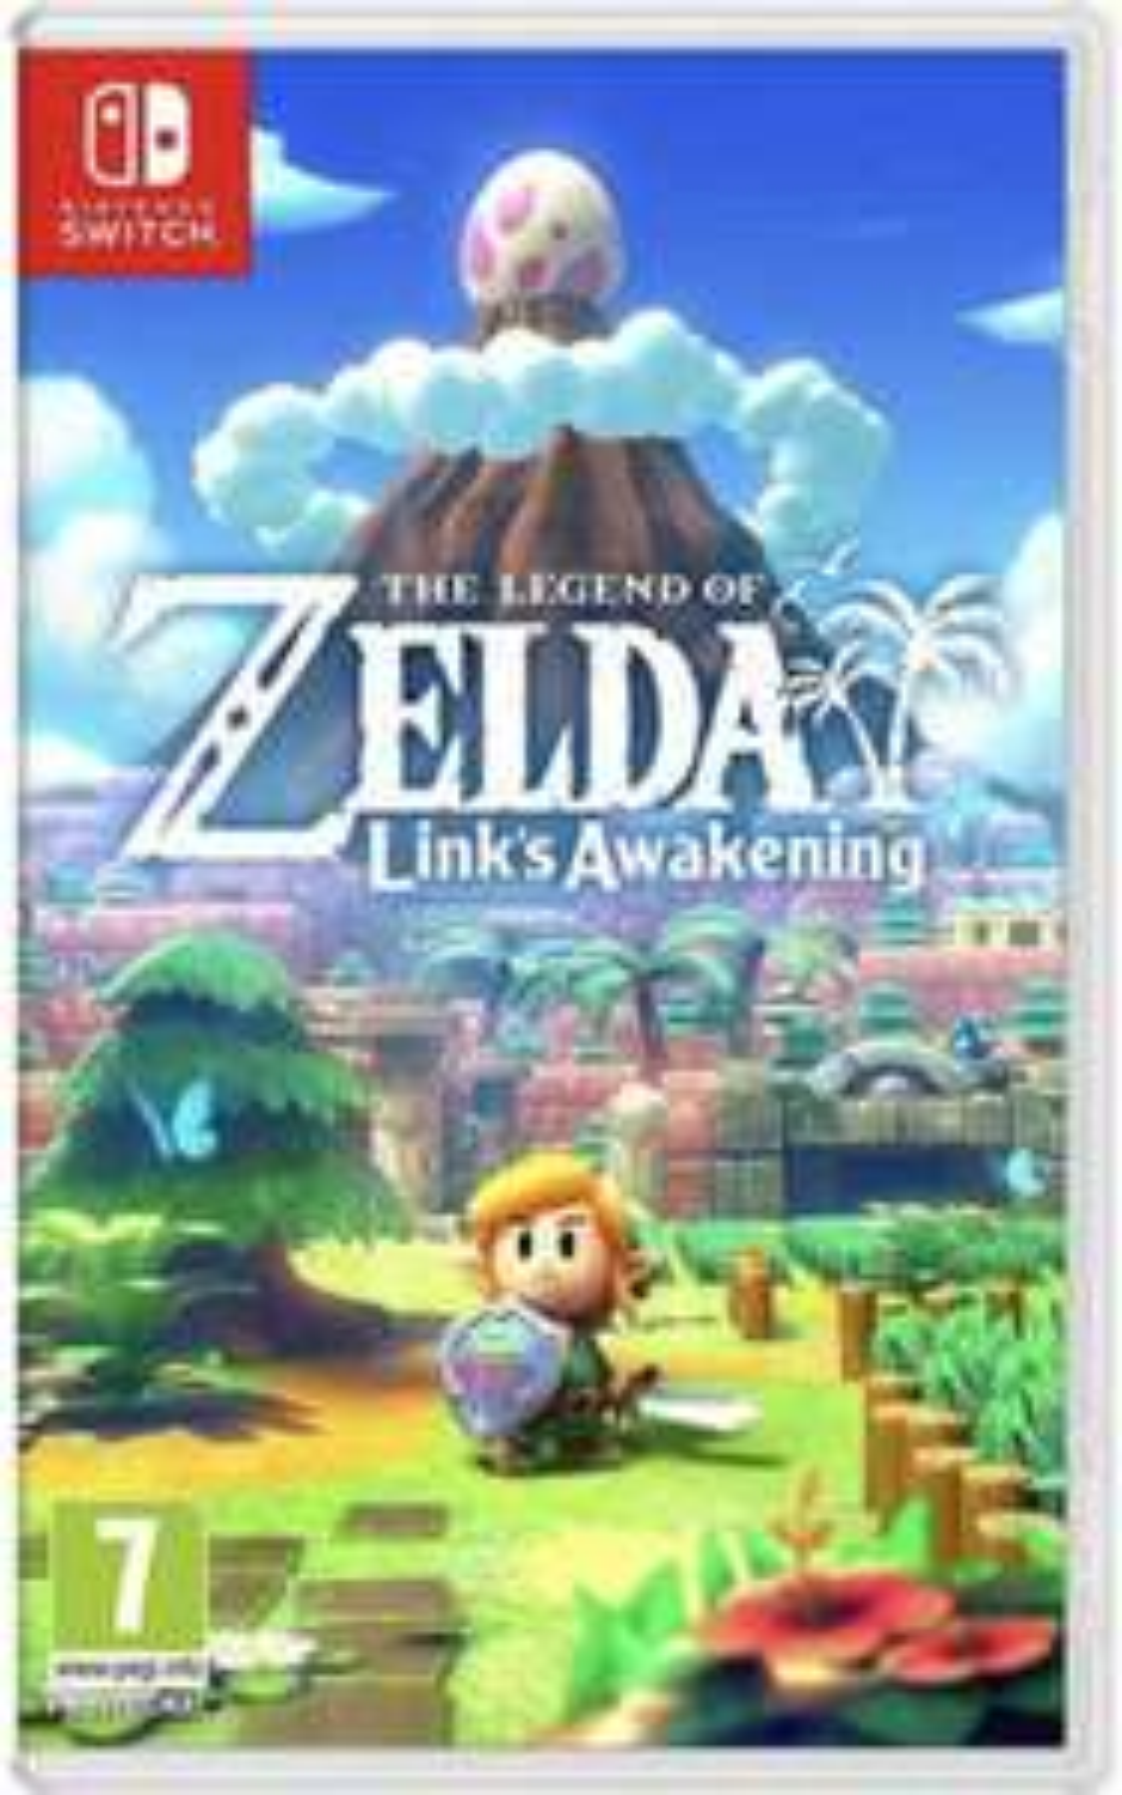 The Legend of Zelda: Links Awakening Nintendo Switch für 41,90€ mit Masterpass - erscheint am 20.09.